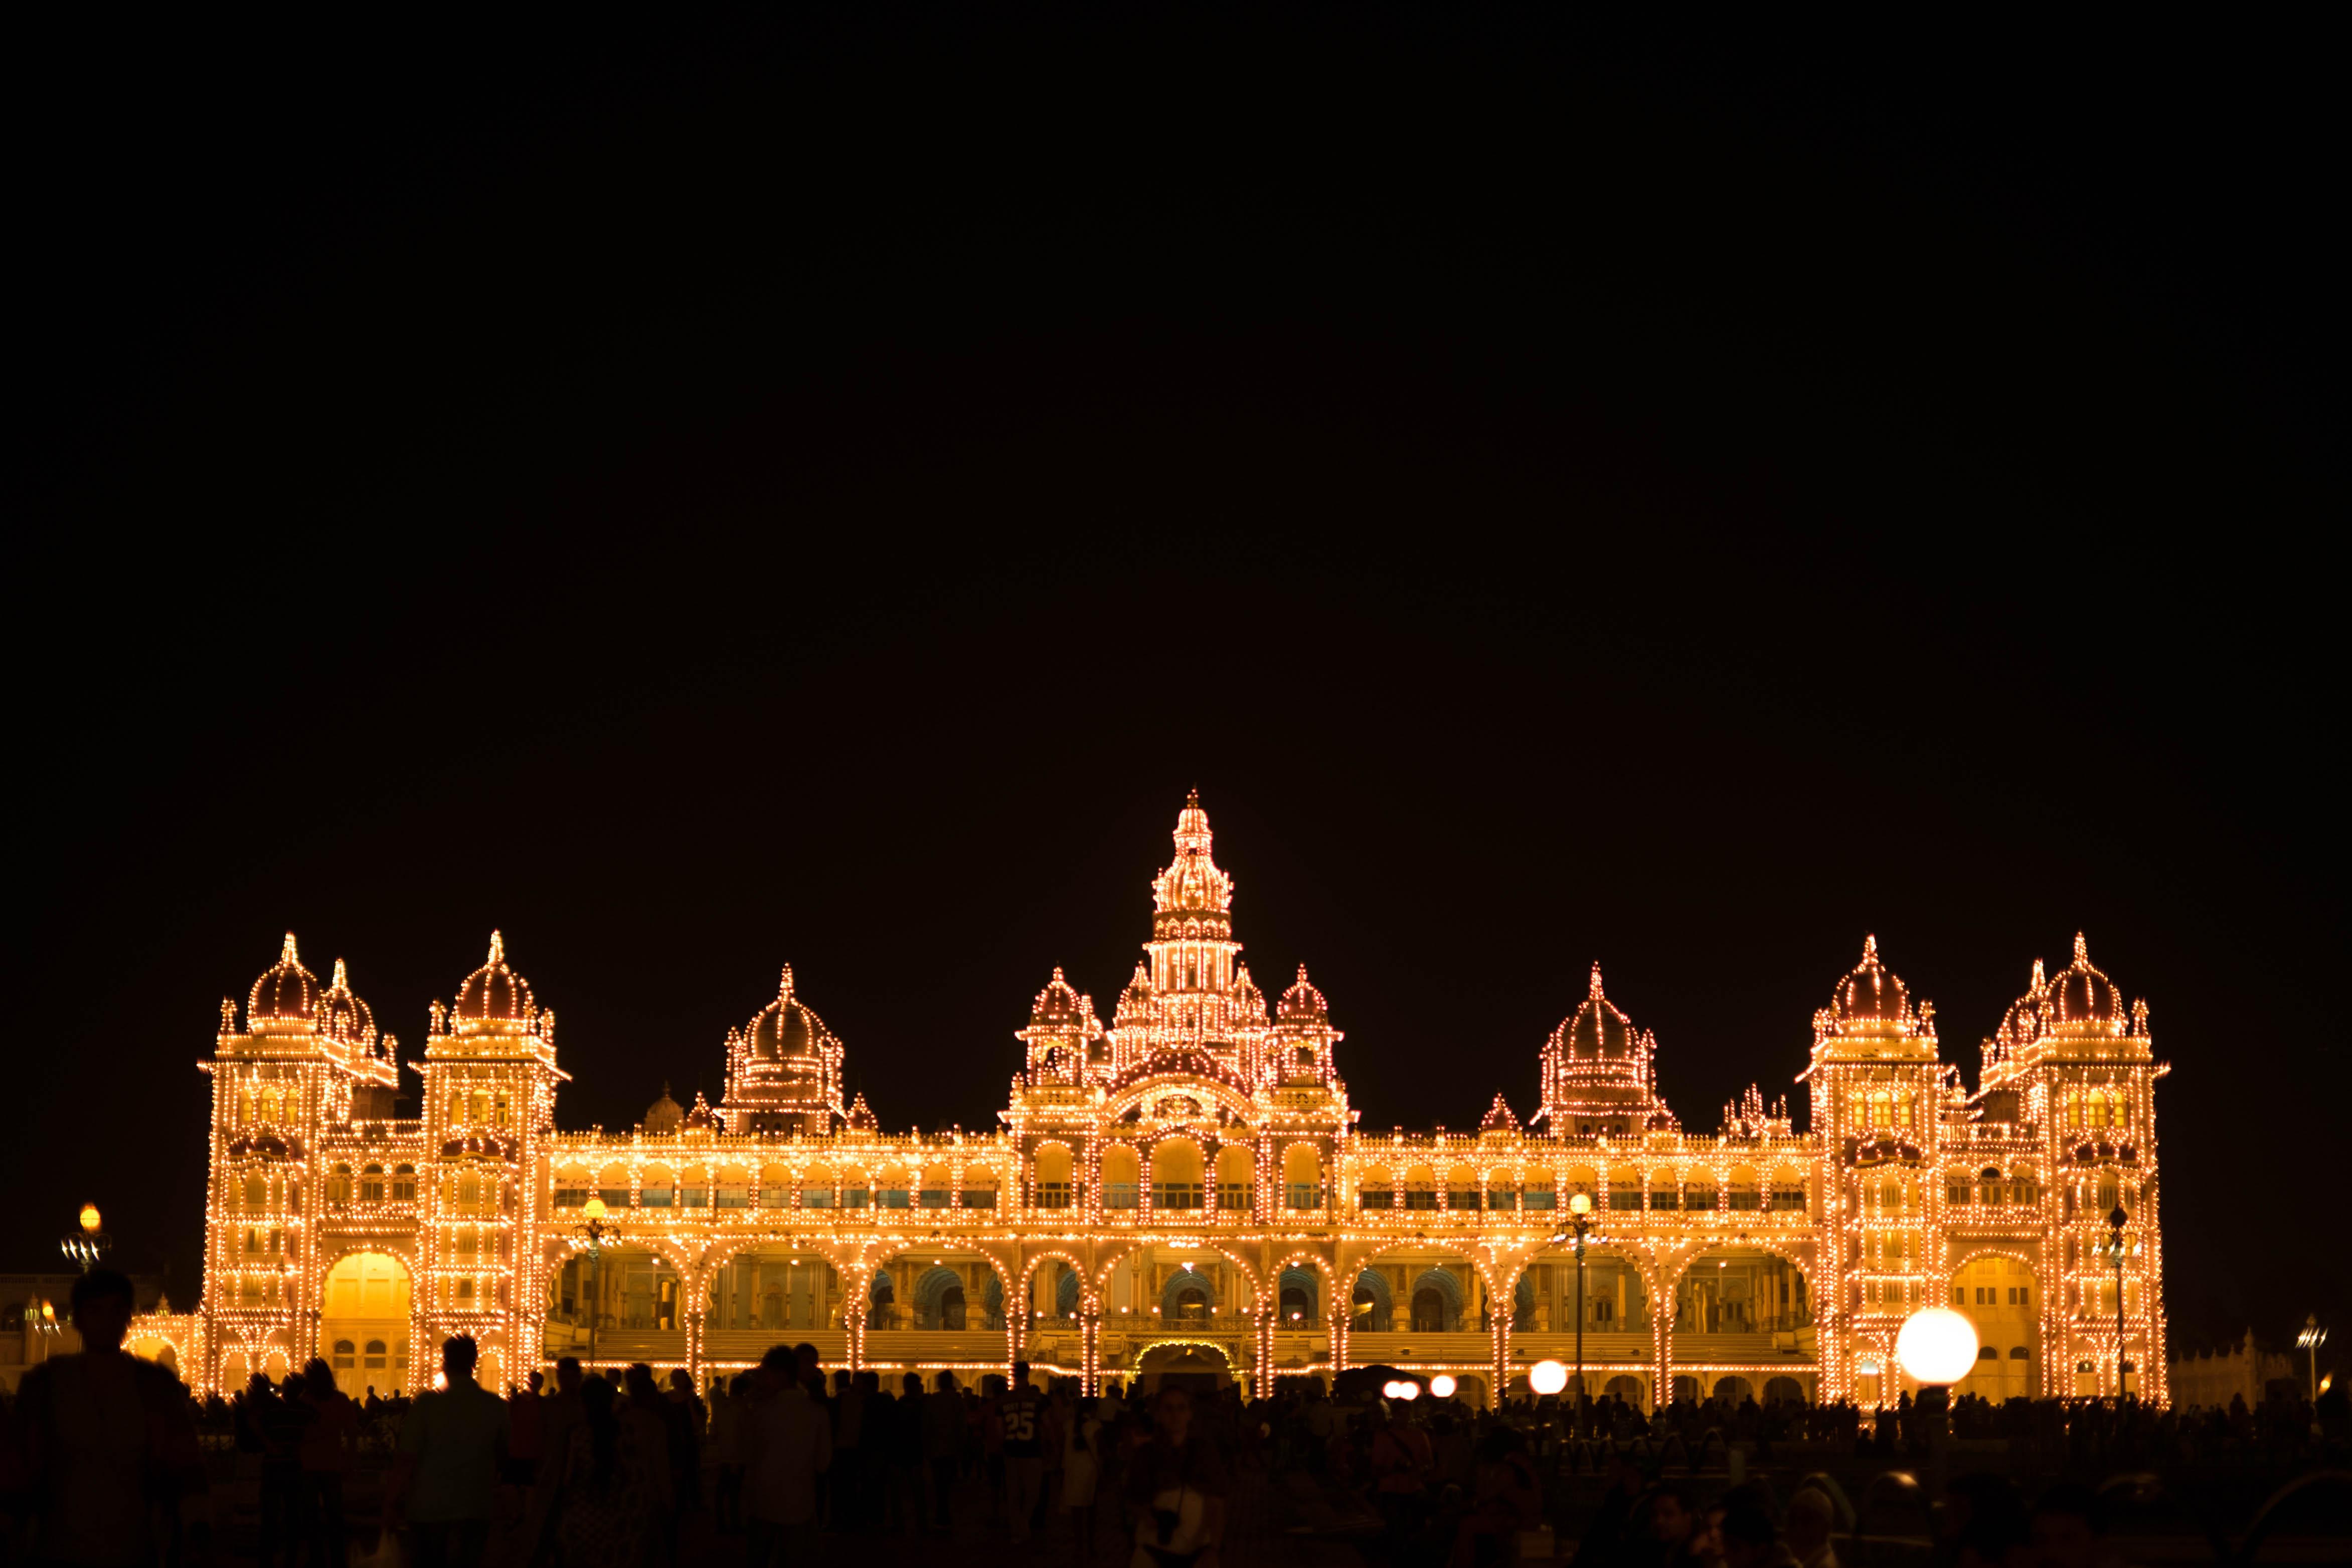 Photo du Palais de Mysore illuminé par des milliers d'ampoules